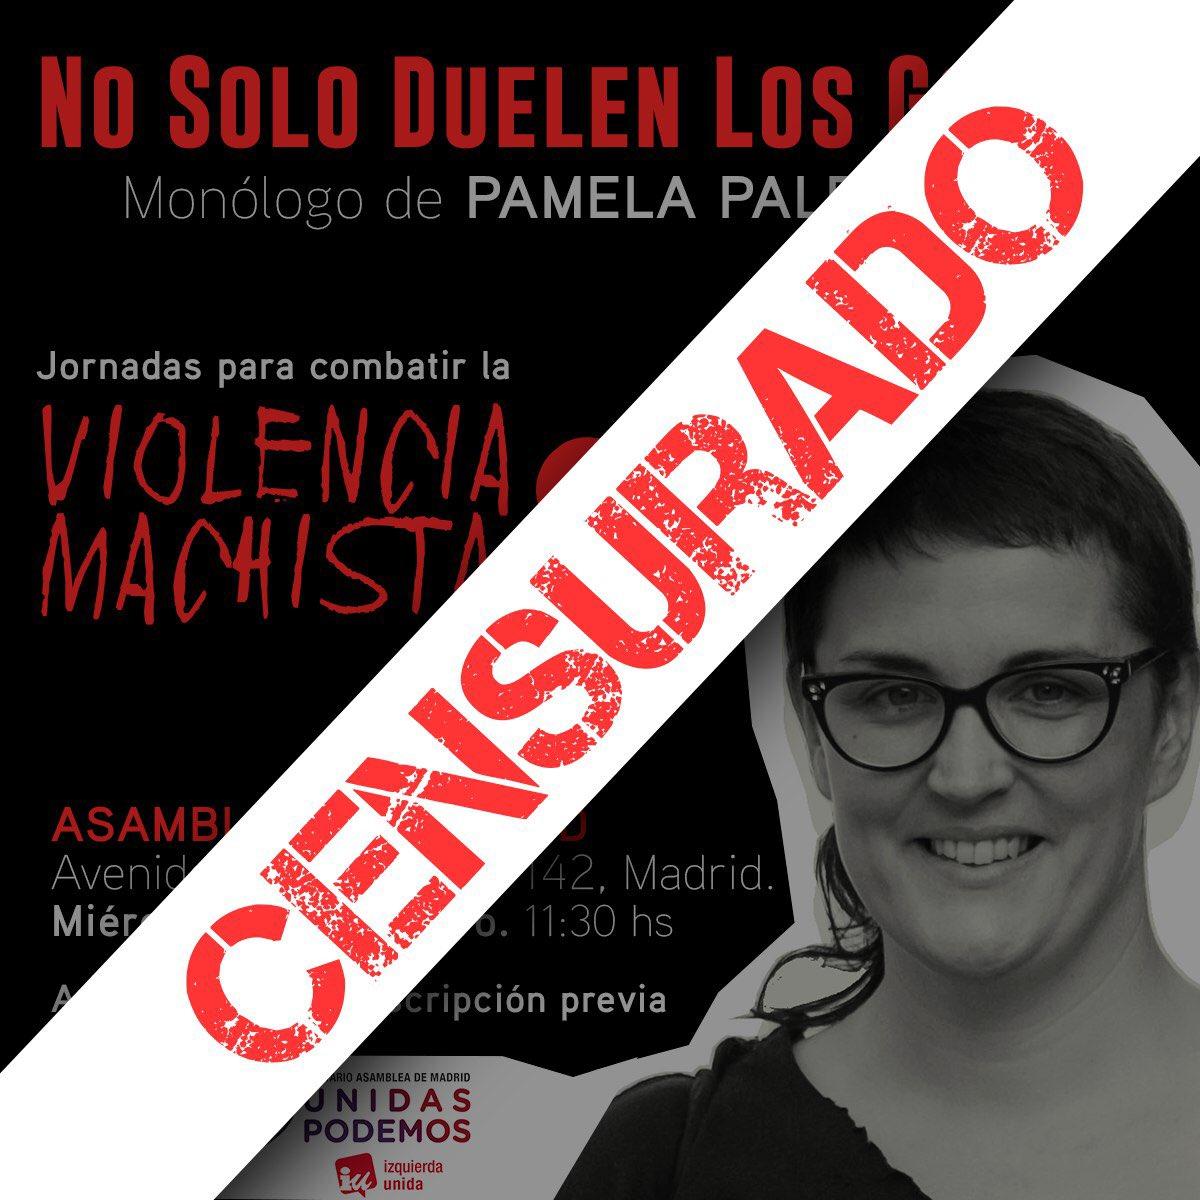 La Asamblea de Madrid veta la charla de @Nosolopam organizada desde nuestro grupo parlamentario para este miércoles. Pamela Palenciano fue víctima de violencia machista. Hoy ayuda a muchísimas jóvenes a identificarla. VOX lleva tiempo señalándola. Ahora Cs se suma a la censura.